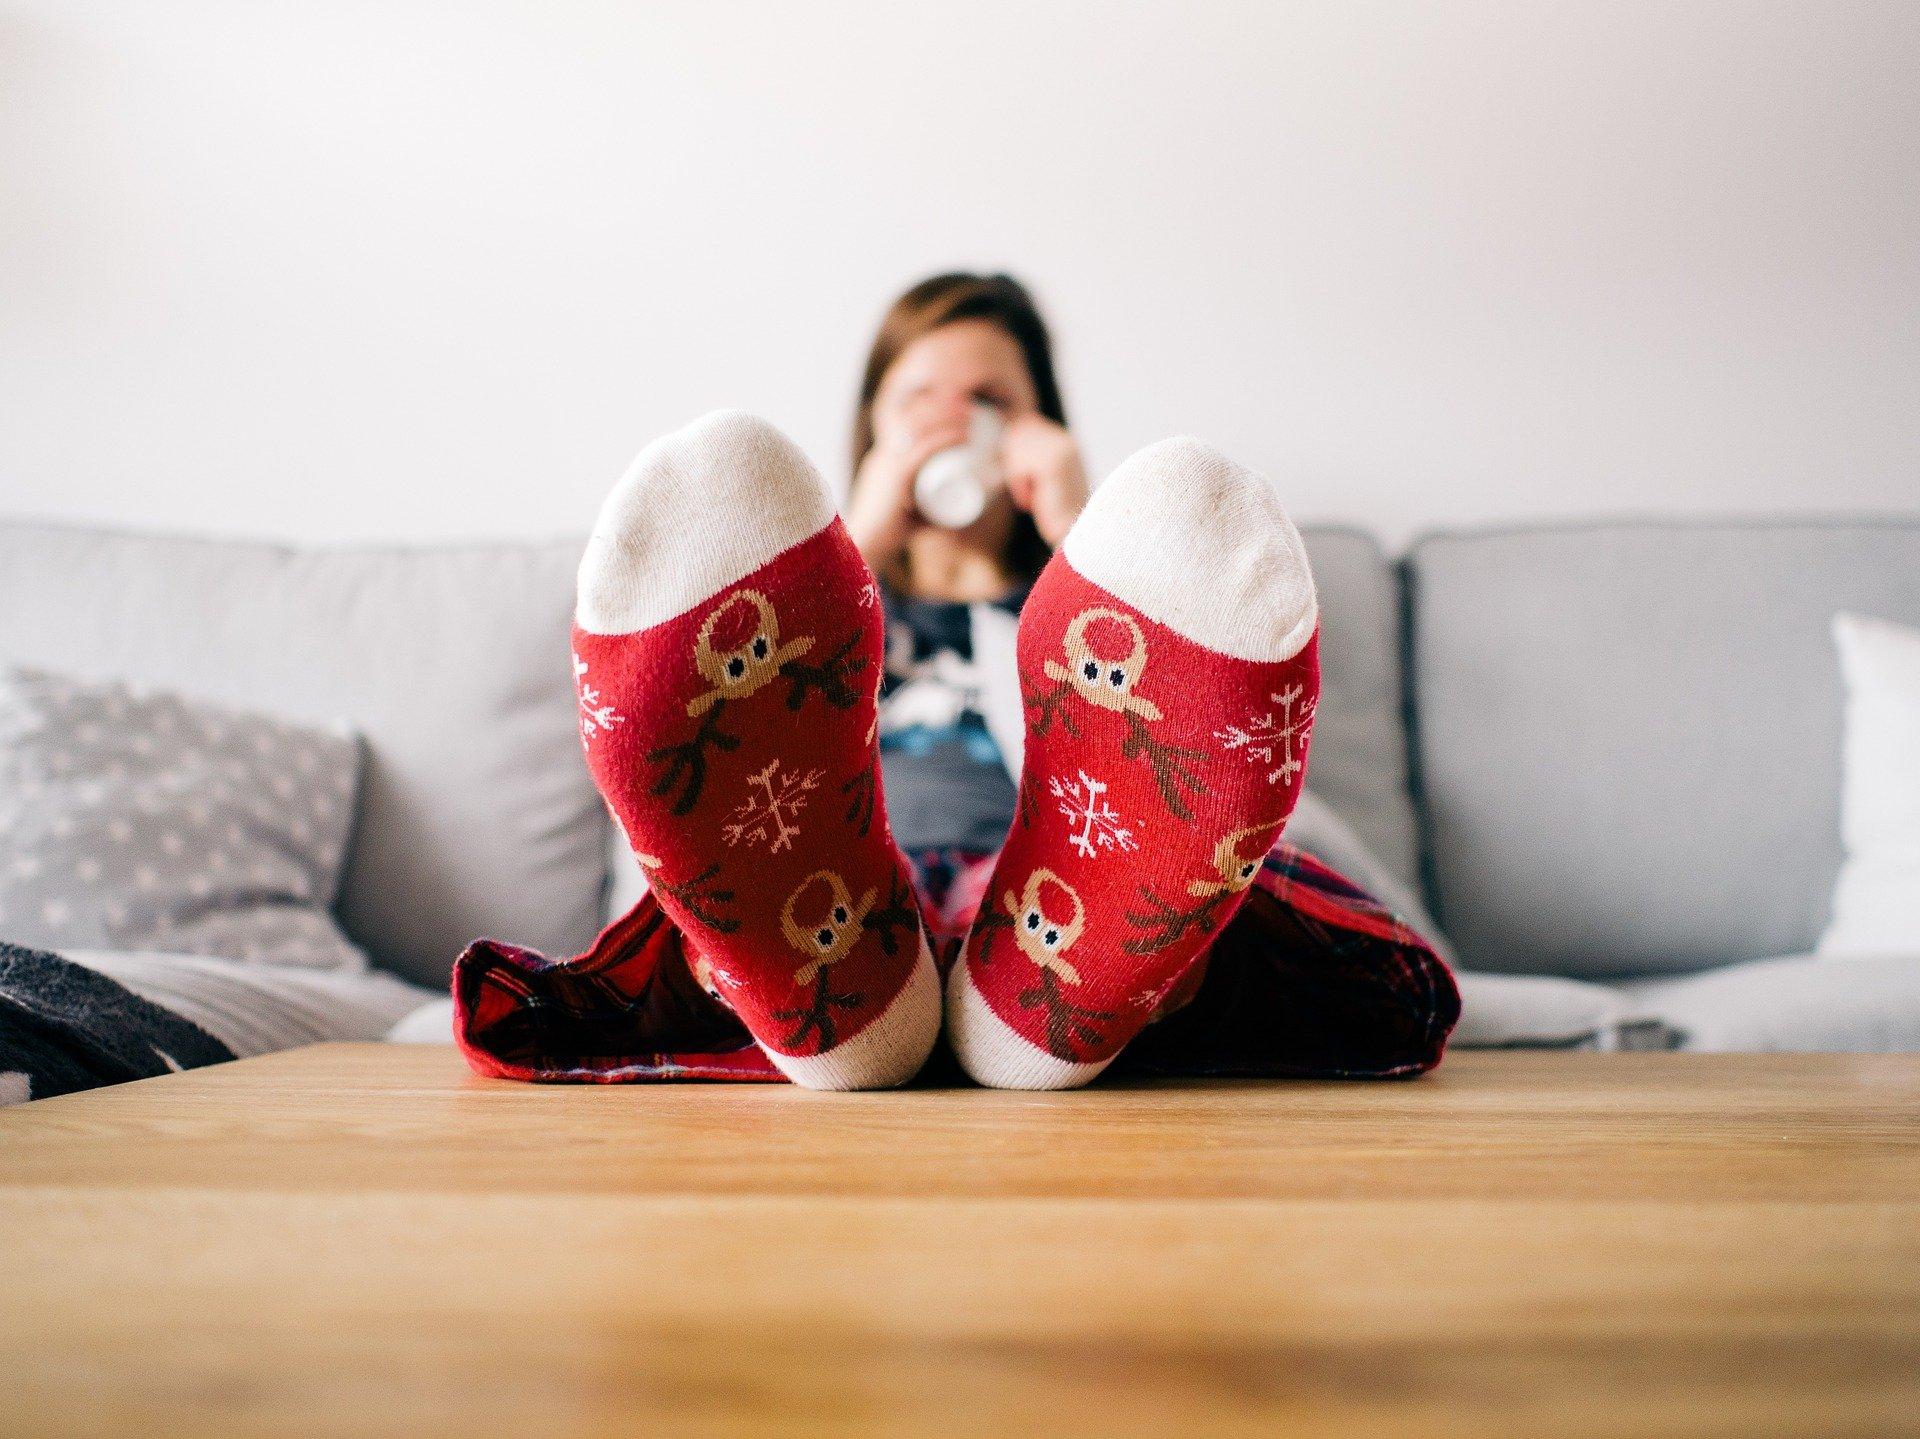 Ein Kind mit Weihnachtssocken sitzt auf dem Sofa und trinkt einen Kakao